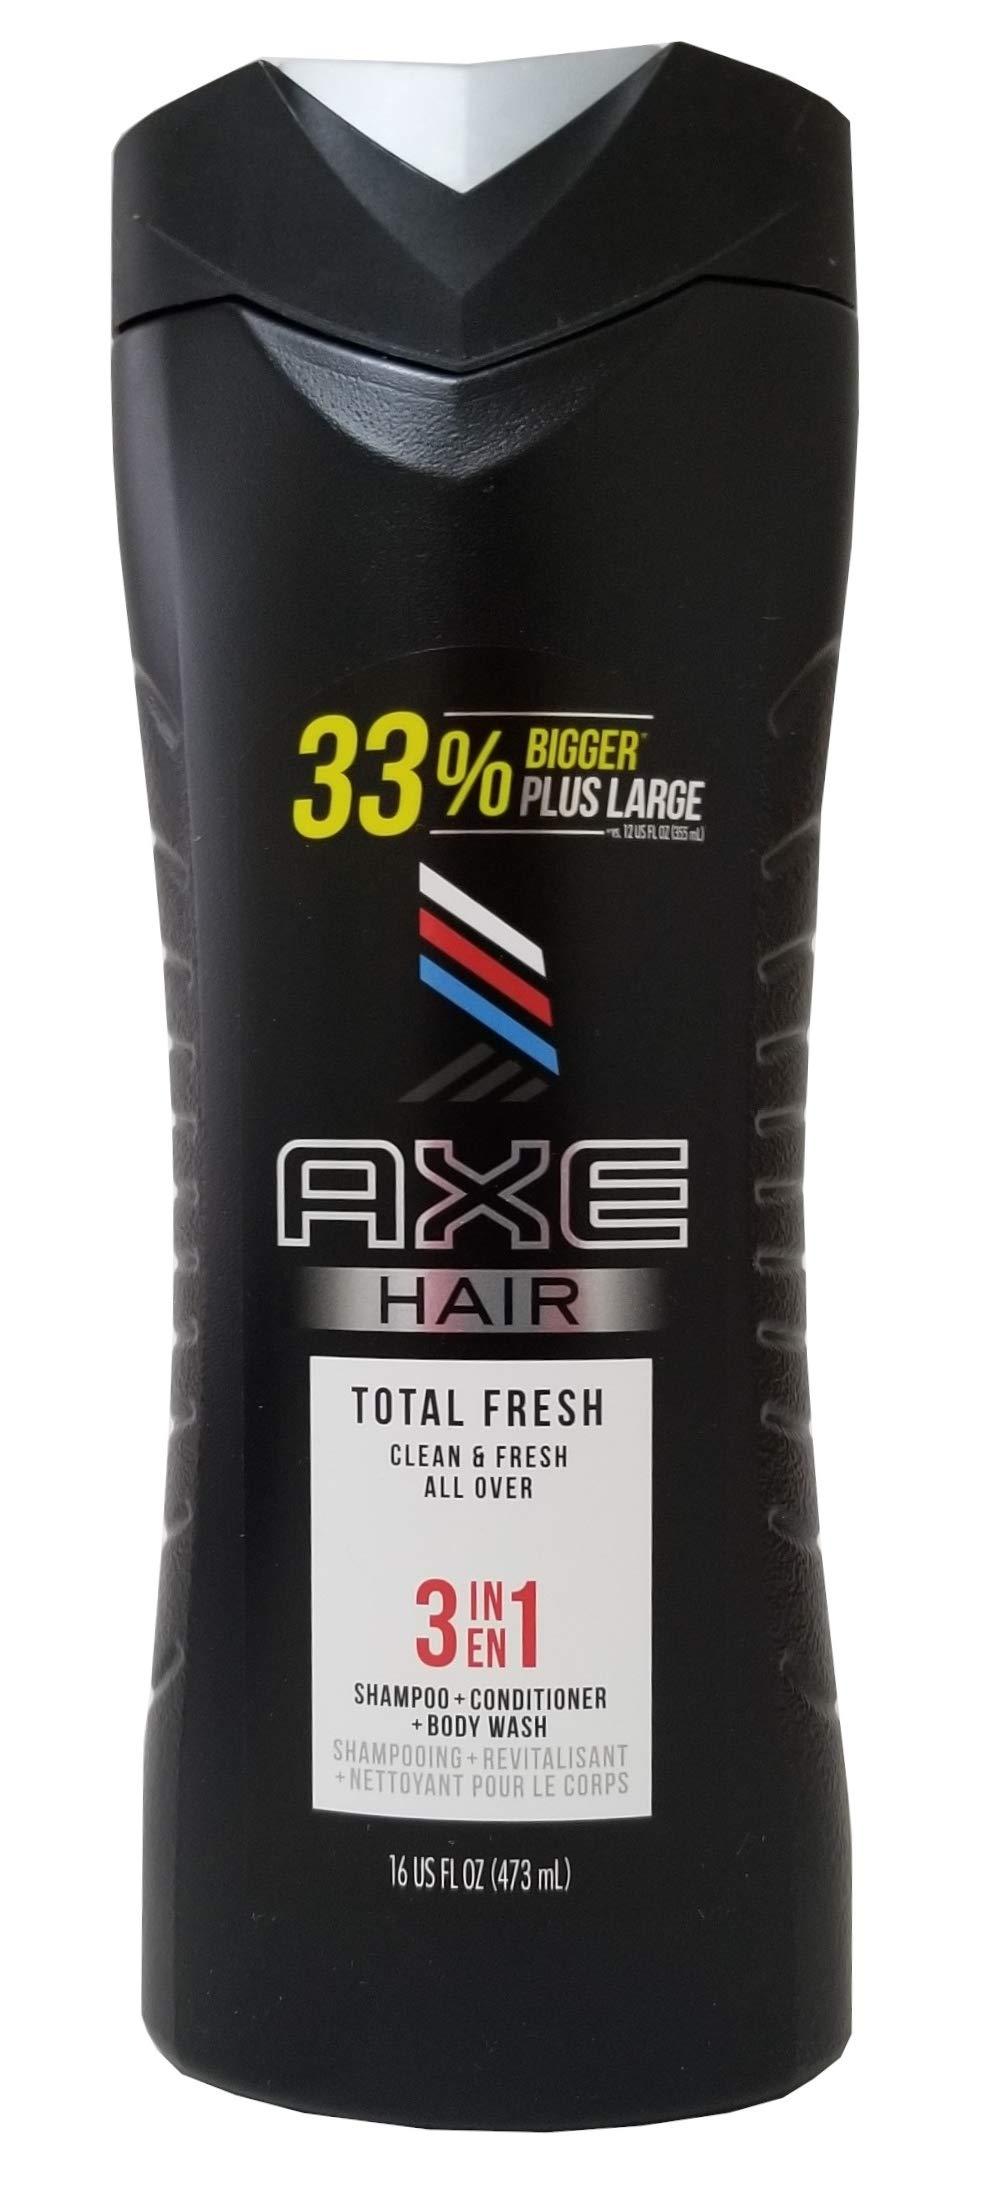 Axe Hair 3 in 1 - Total Fresh - Shampoo